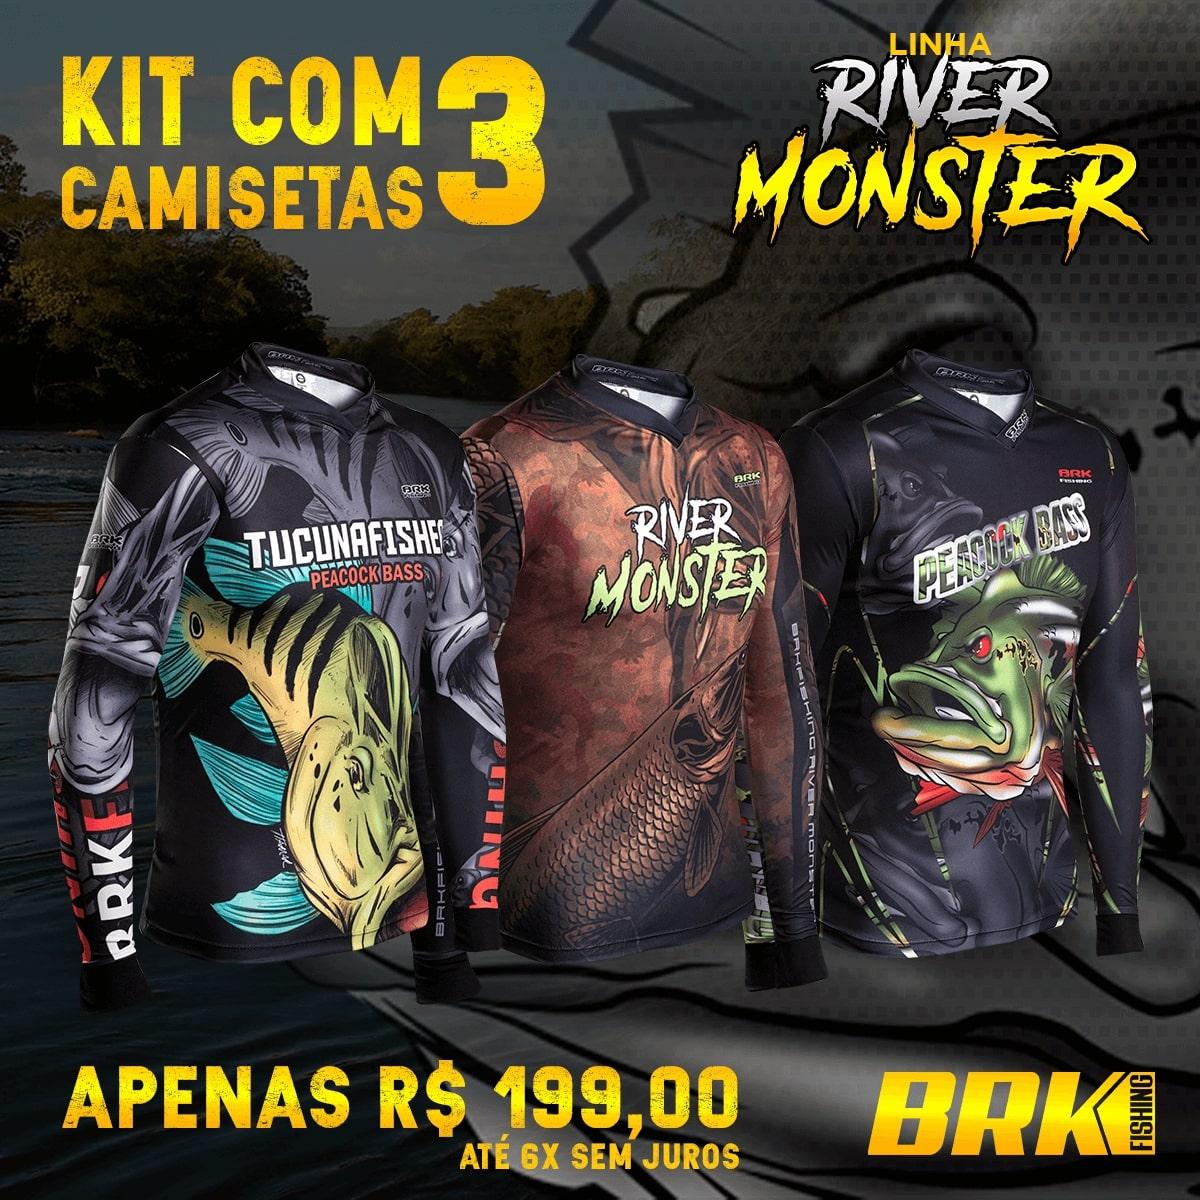 Kit 01 - 3 Camisetas de Pesca Brk Linha River Monster